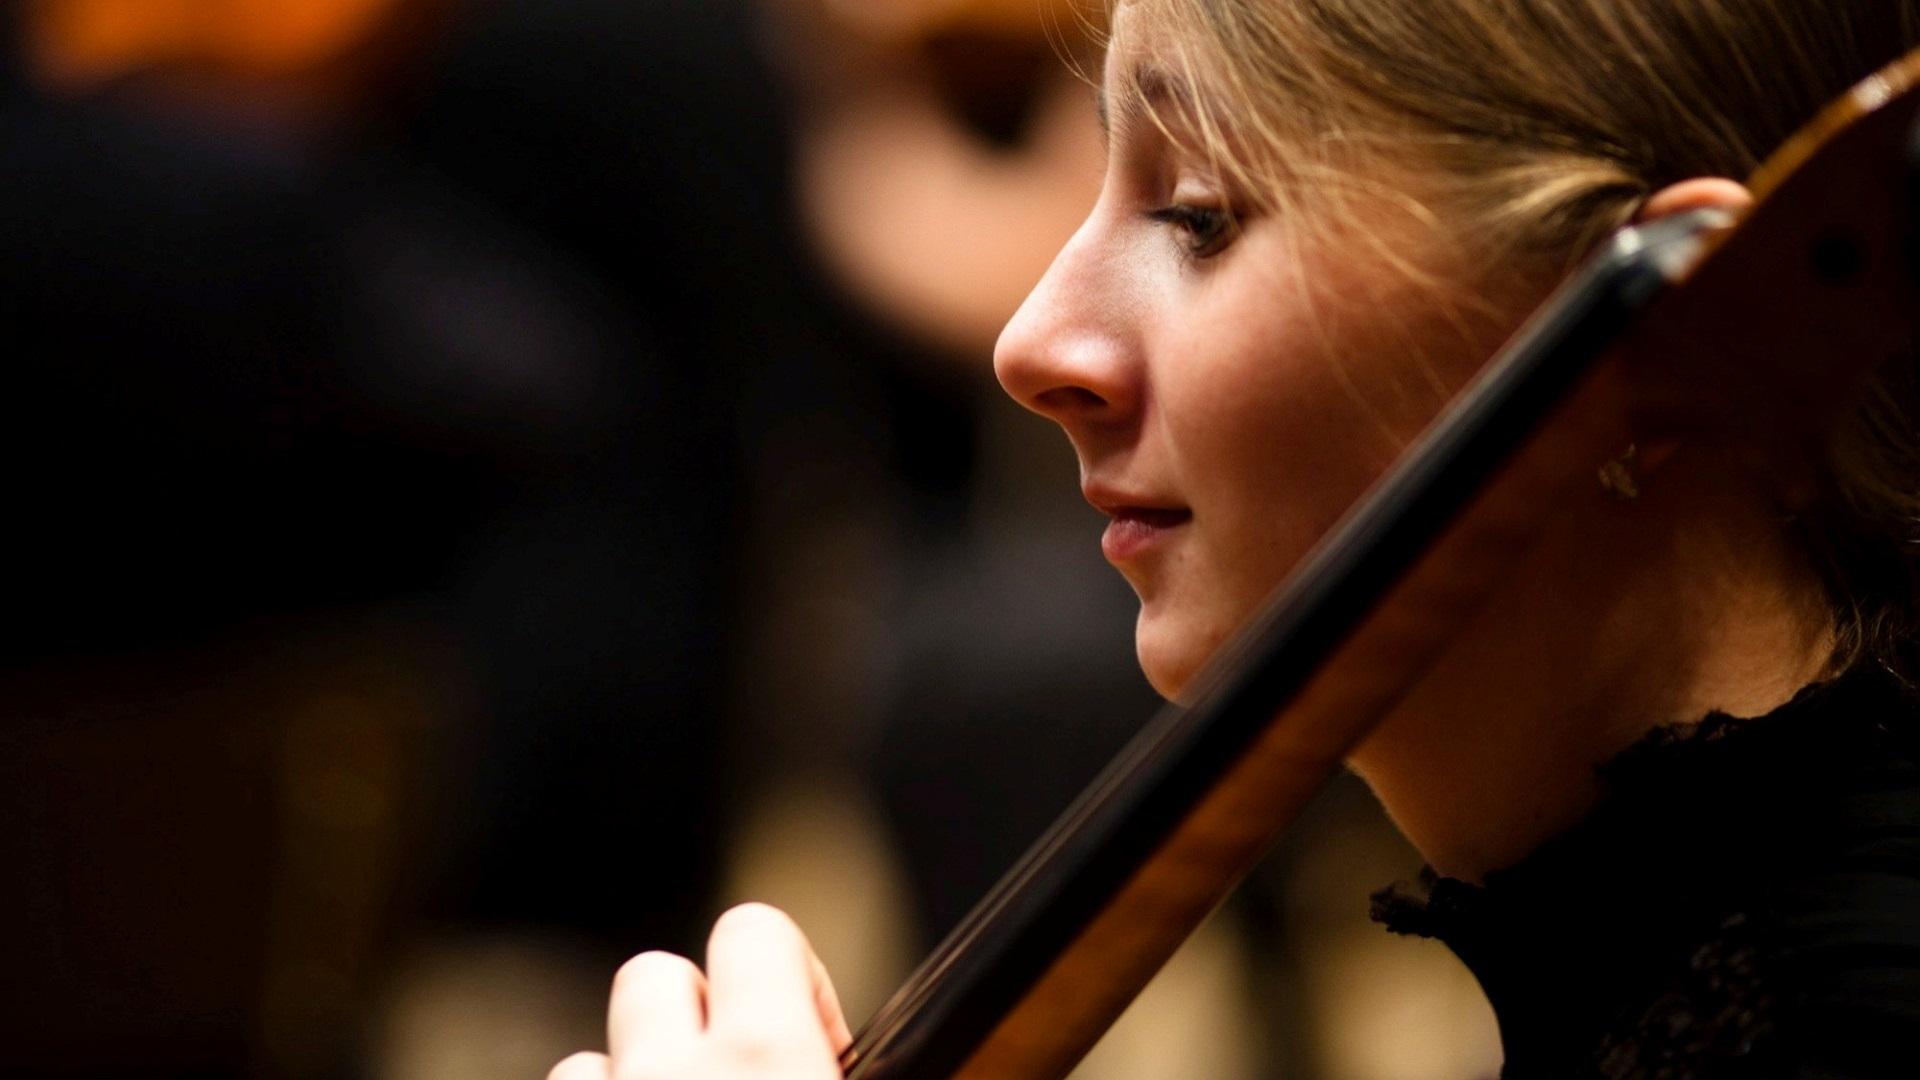 Concerto-per-europa_1920x1080.jpg